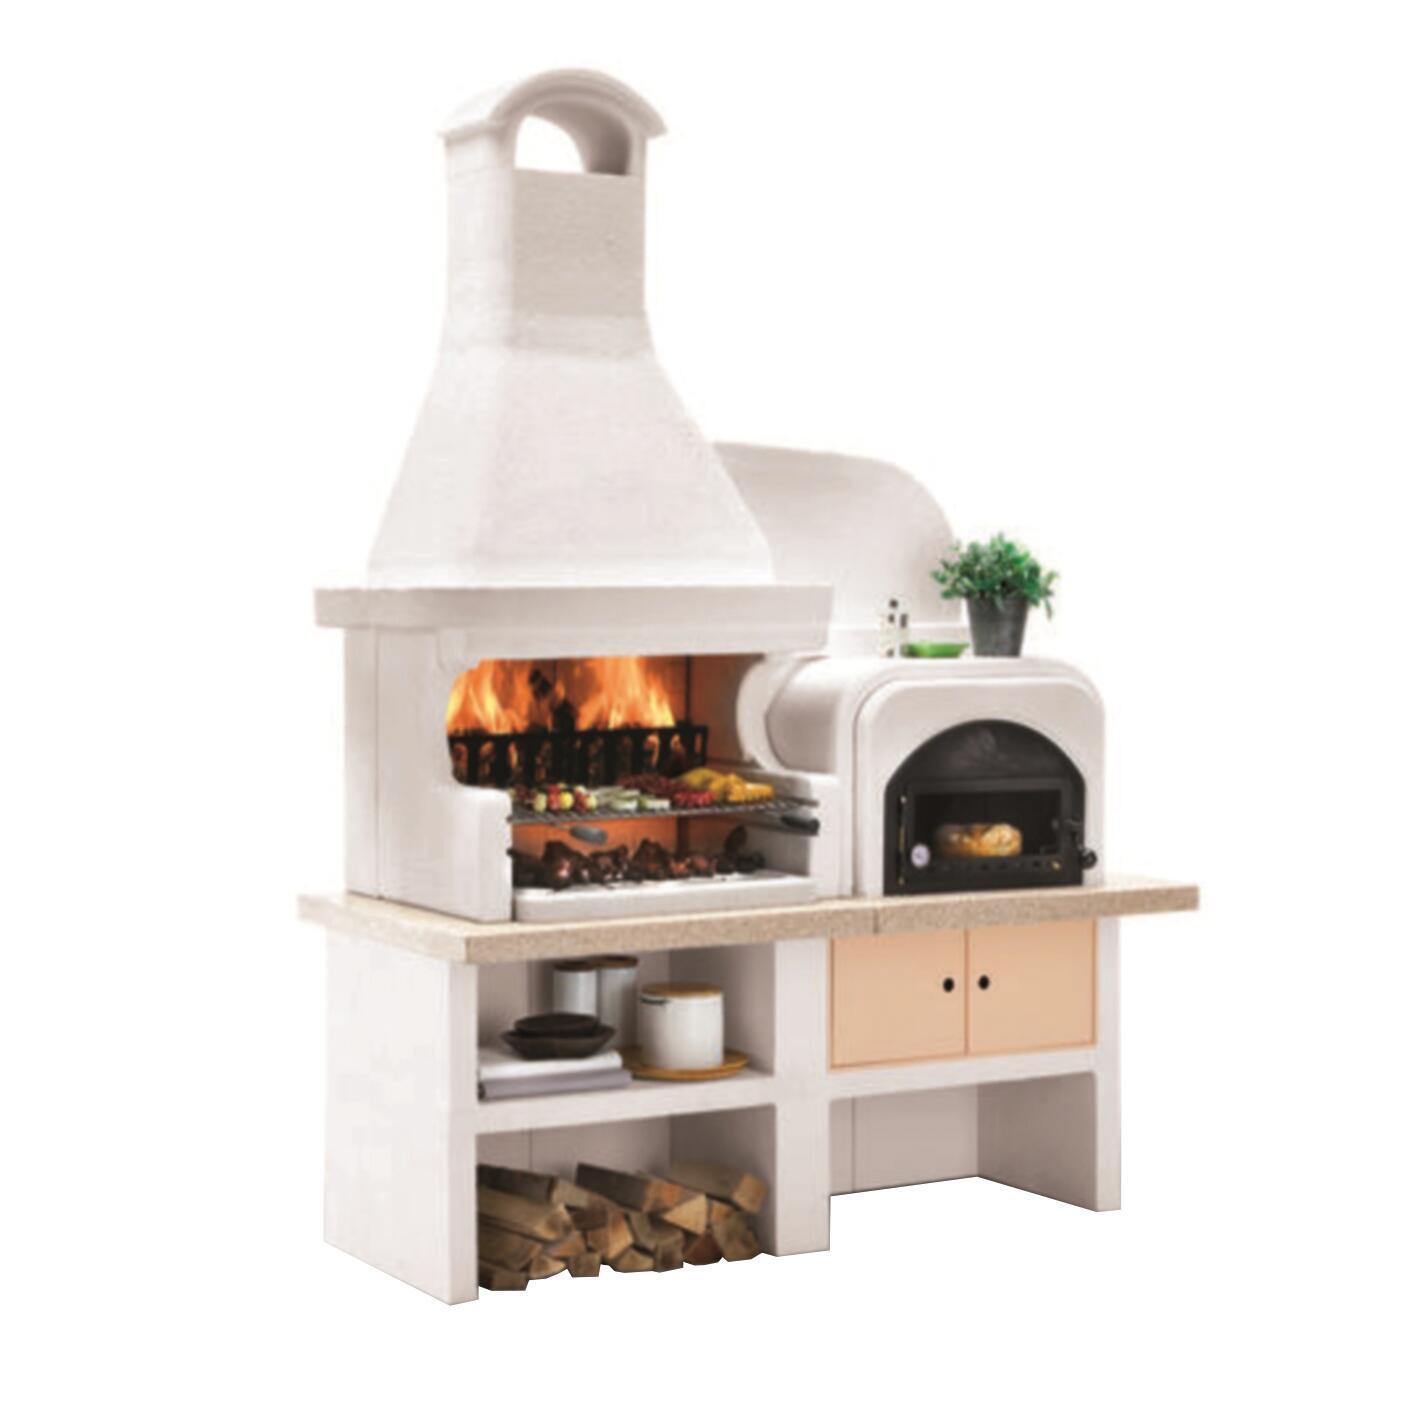 Barbecue in cemento refrattario PALAZZETTI Malibù + forno a Dx griglia 76 cm L 180 x P 85 x H 252 cm